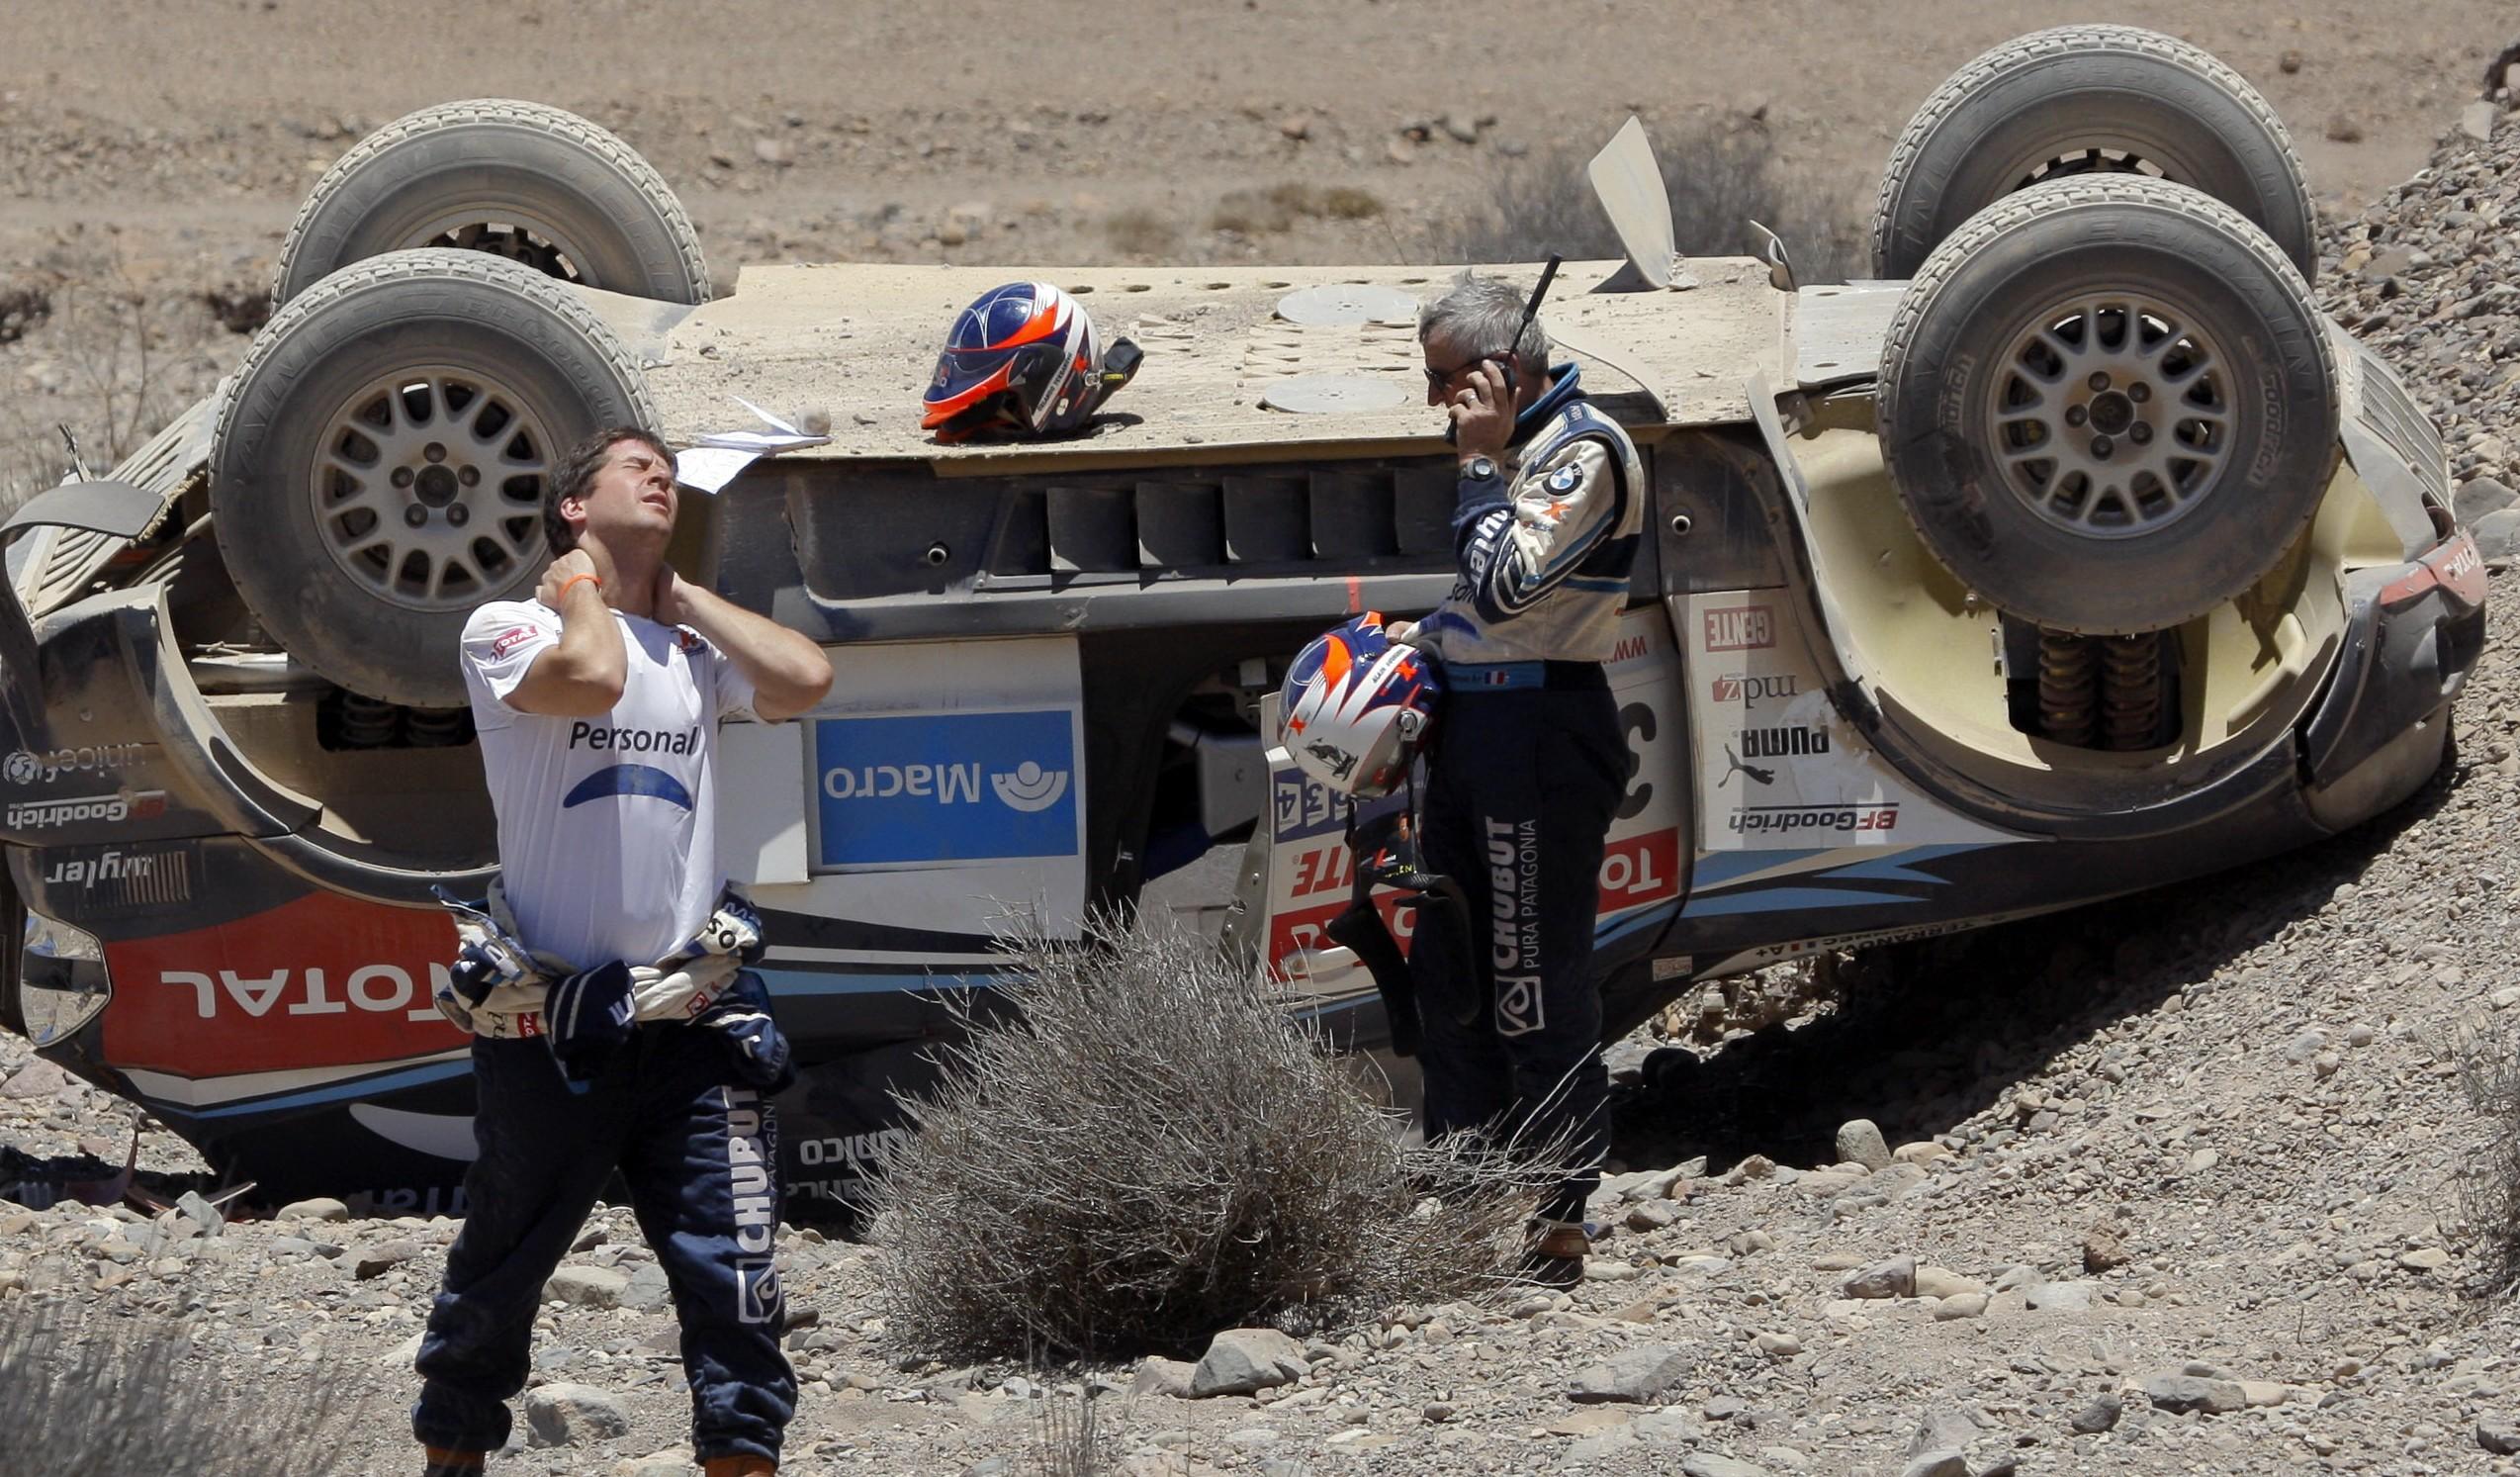 Dakar/Día 2: Al-Attiyah y Bort, los vencedores. Volcó Terranova y perdió el liderazgo